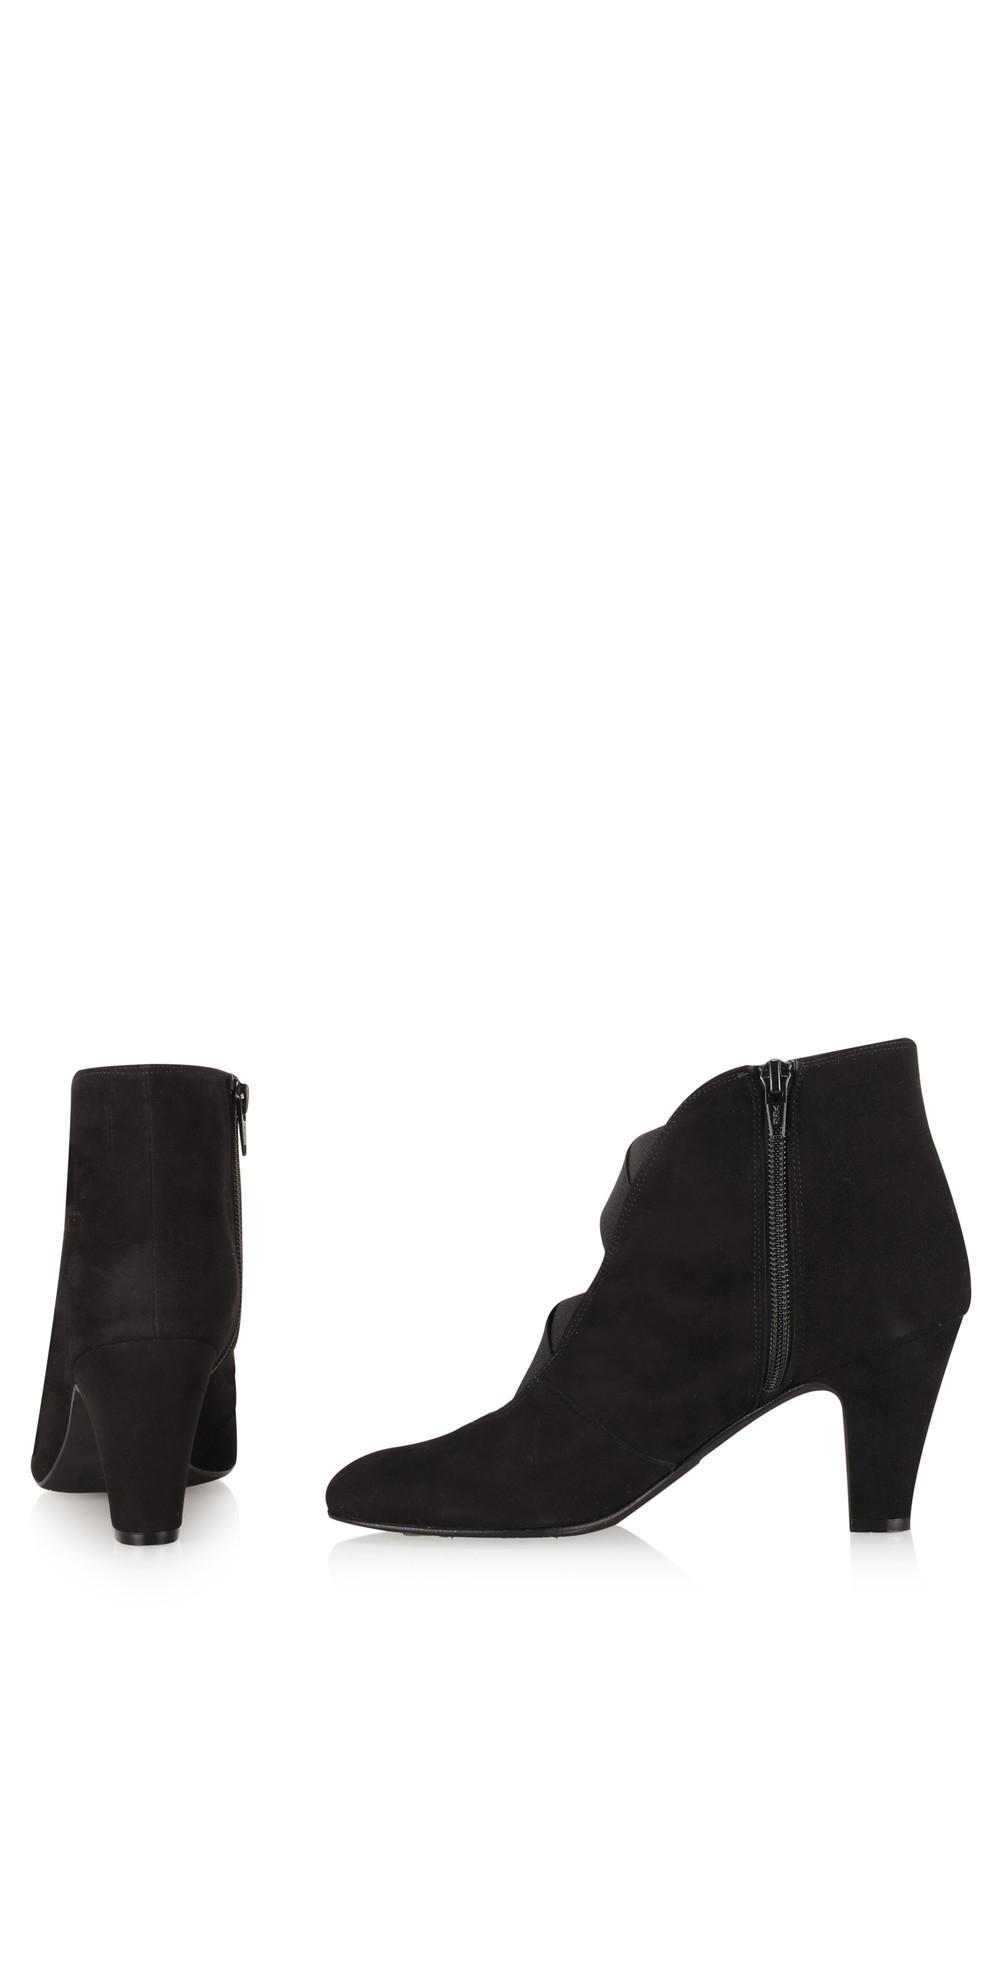 Xavier Shoe Boot main image